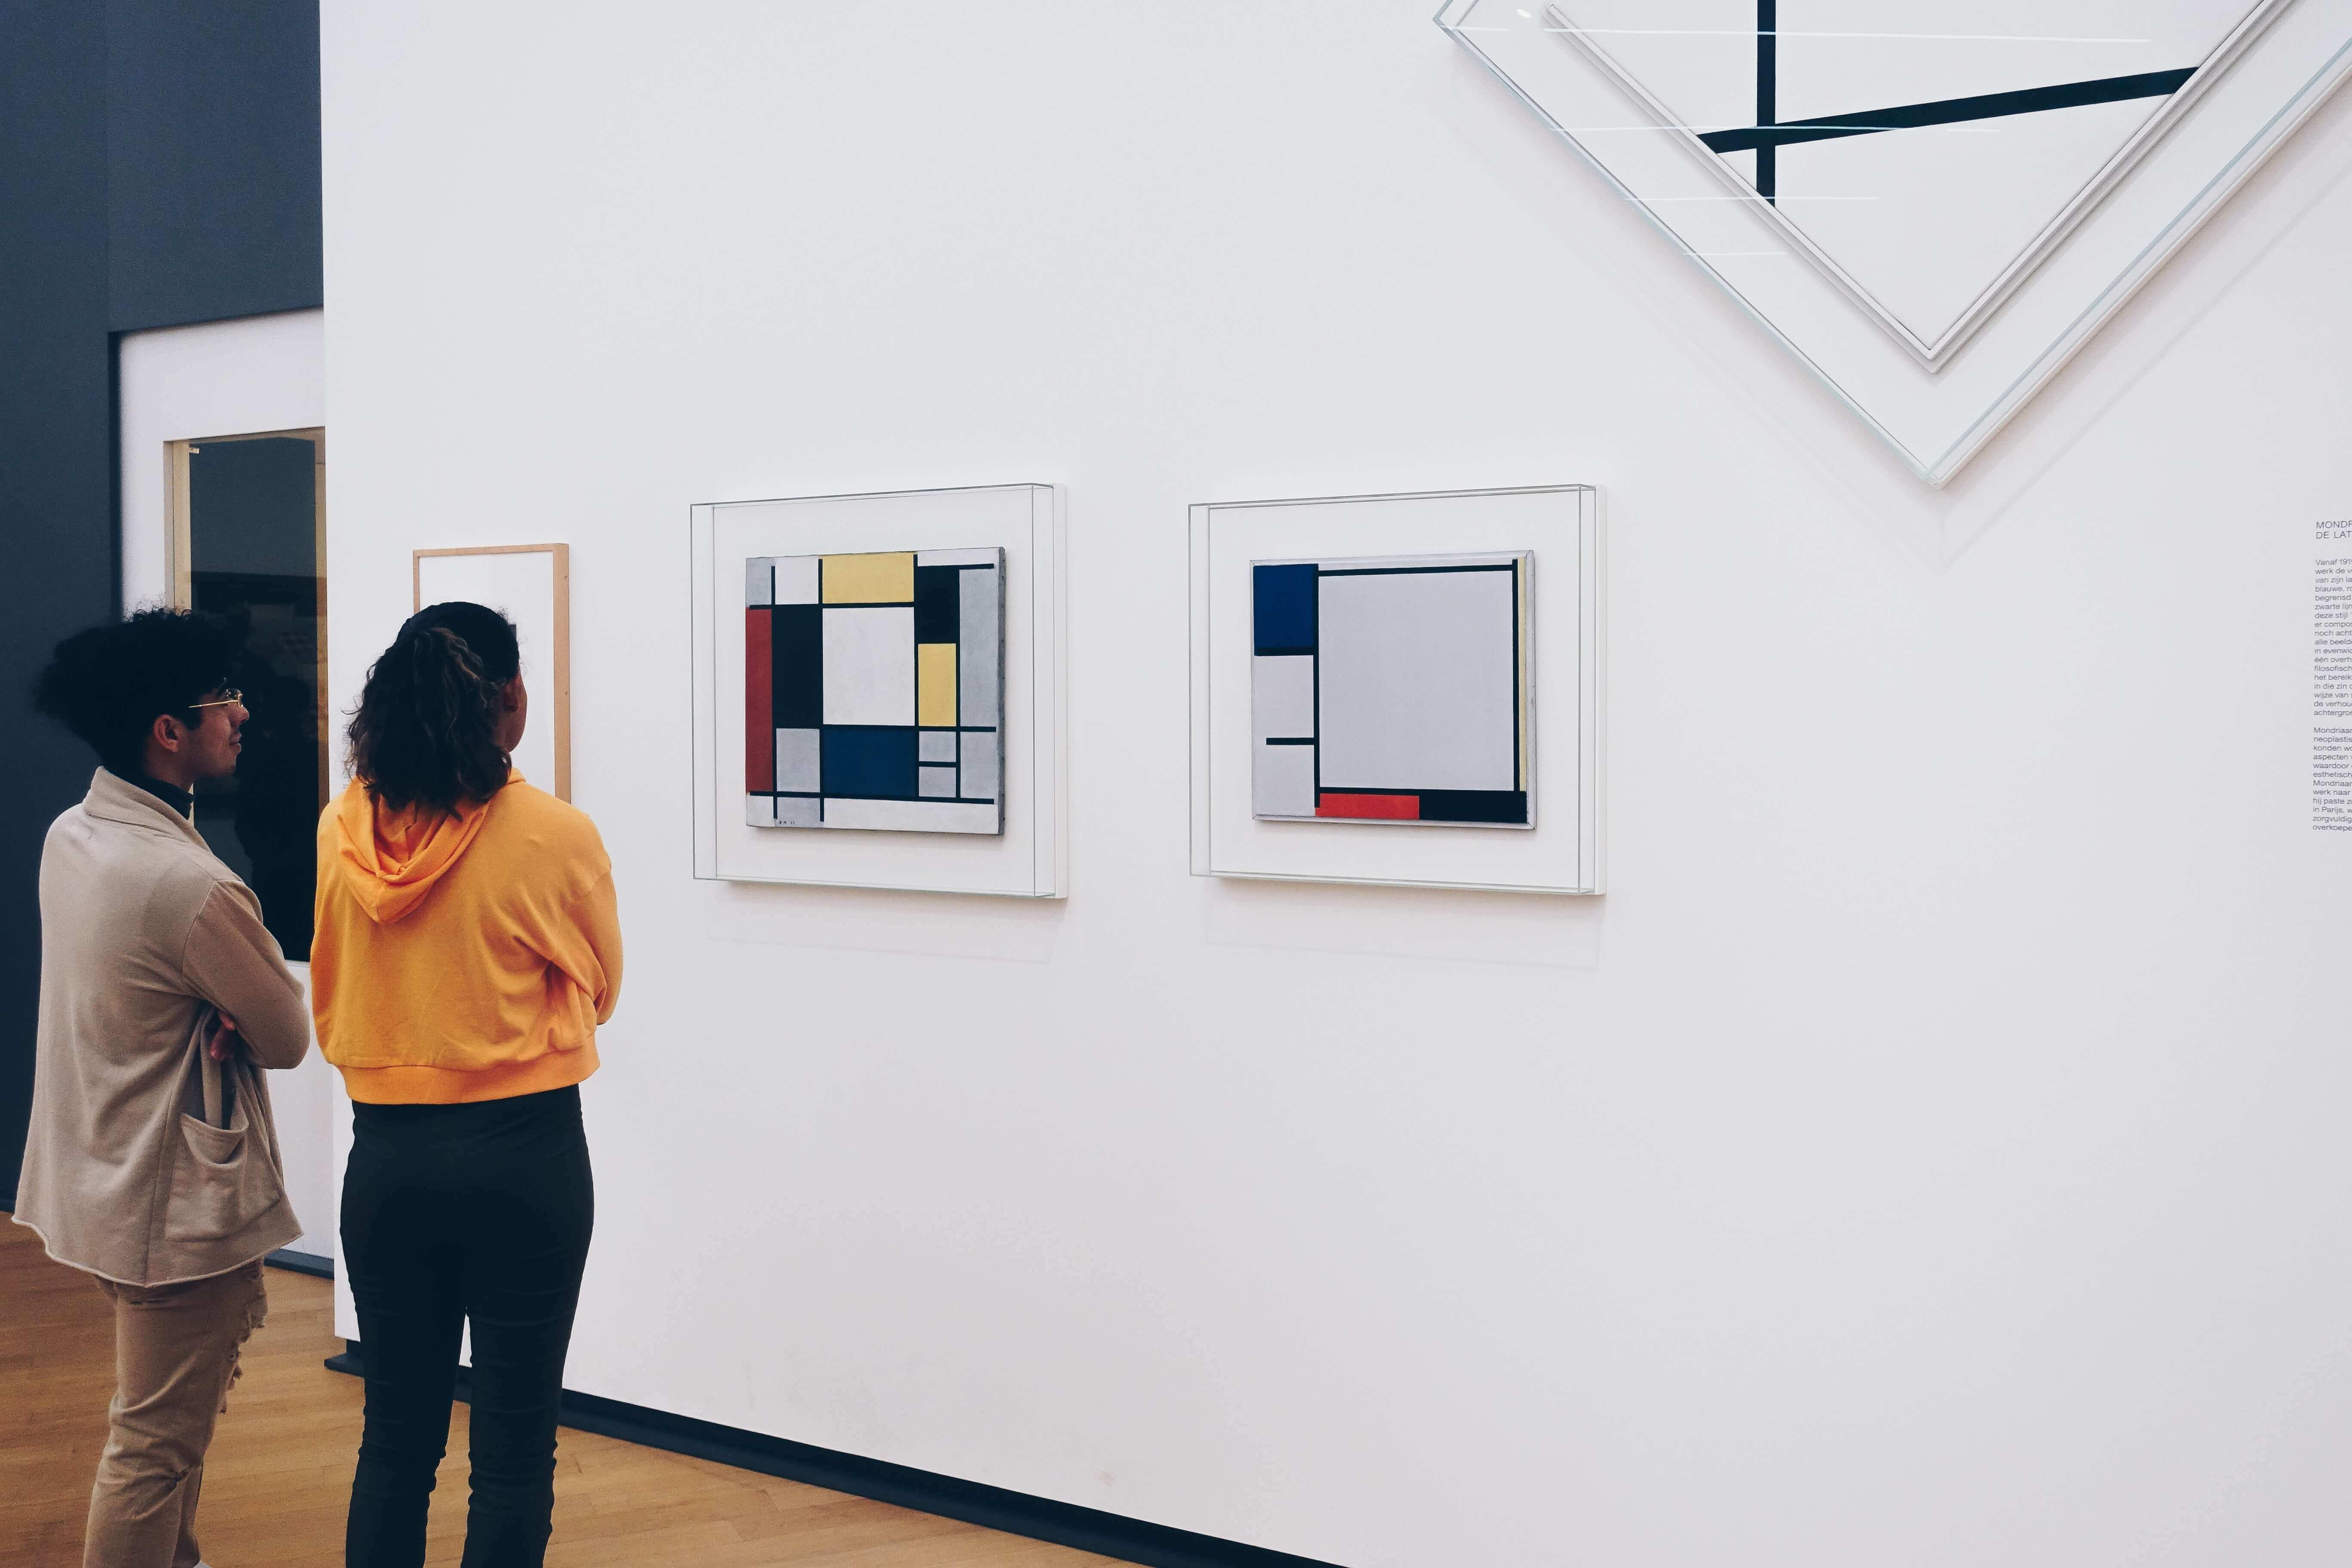 La peinture abstraite, image de deux personnes dans un musée d'art